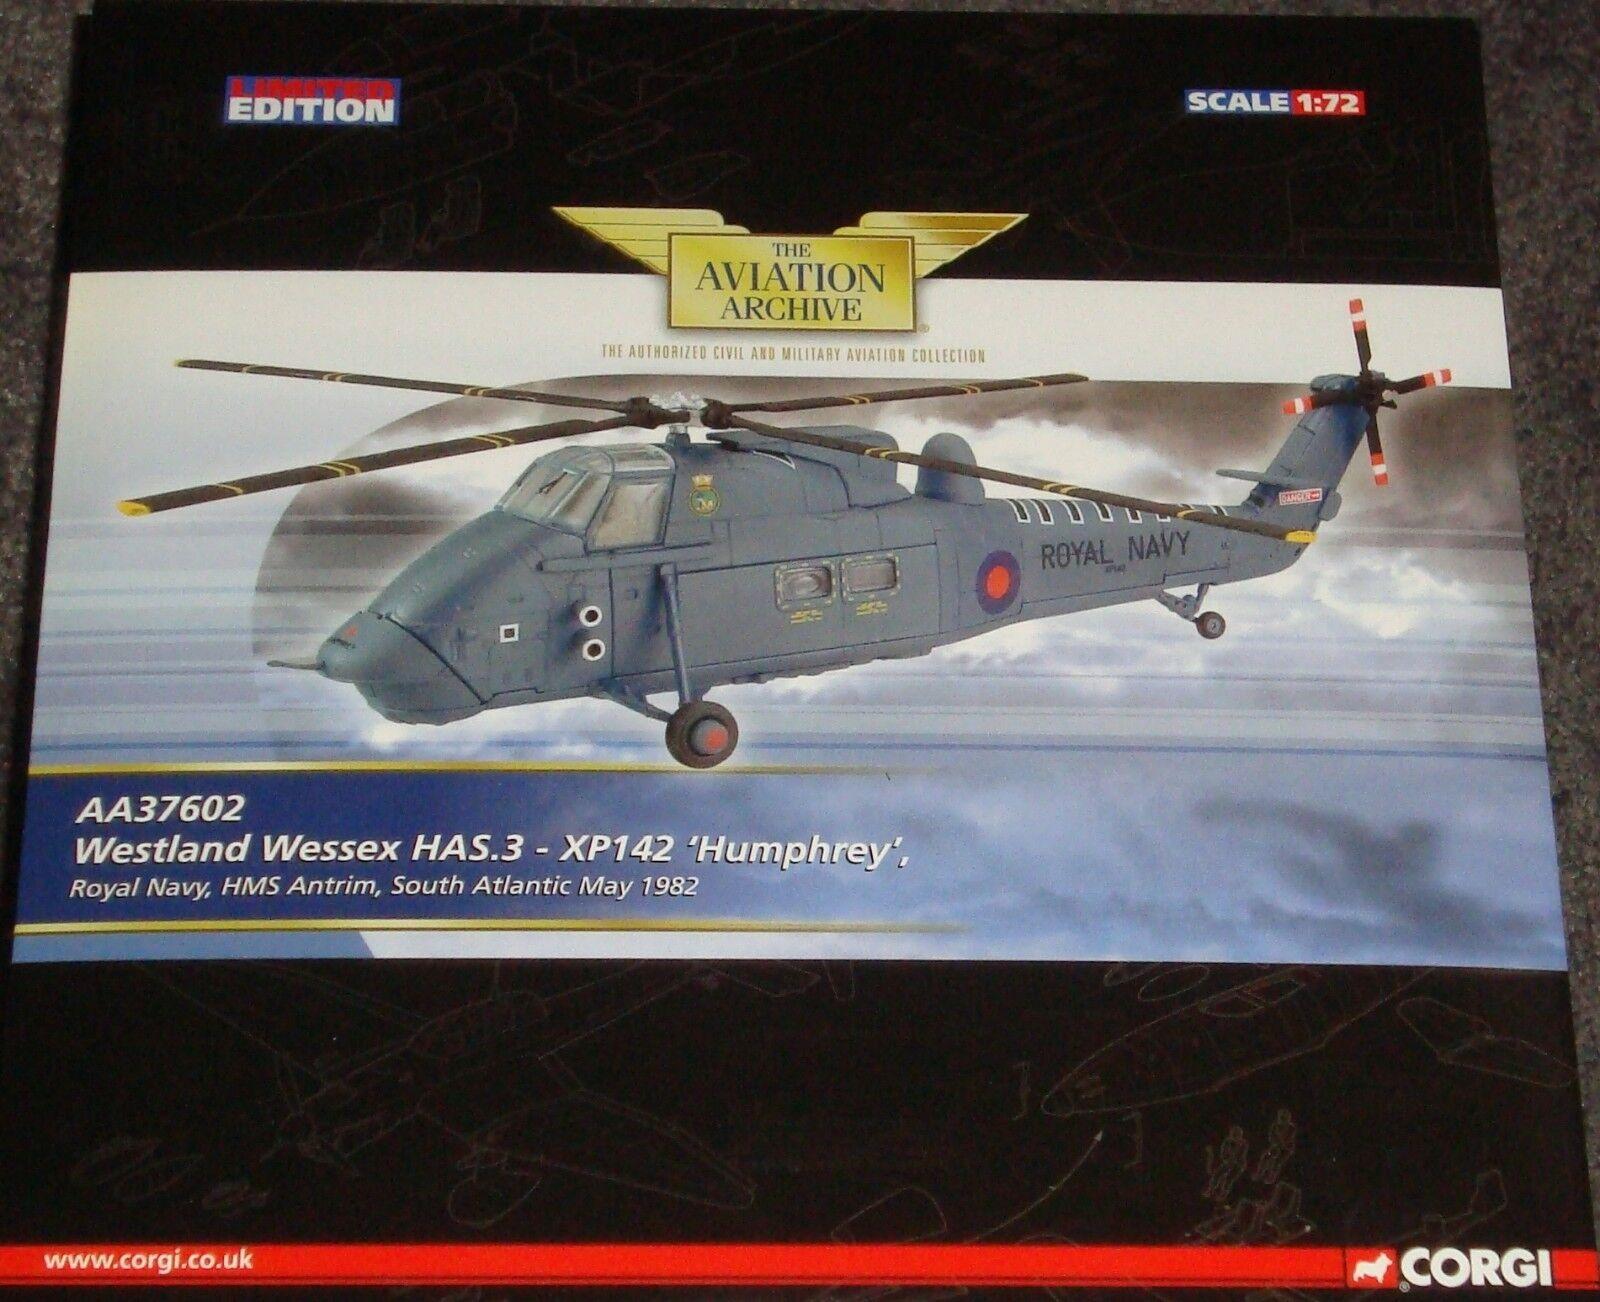 Corgi-Westland Wessex HAS.3 Helicopter-XP142 'Humphrey' RN Antrim'82 -1 72 72 72 1c3ffa